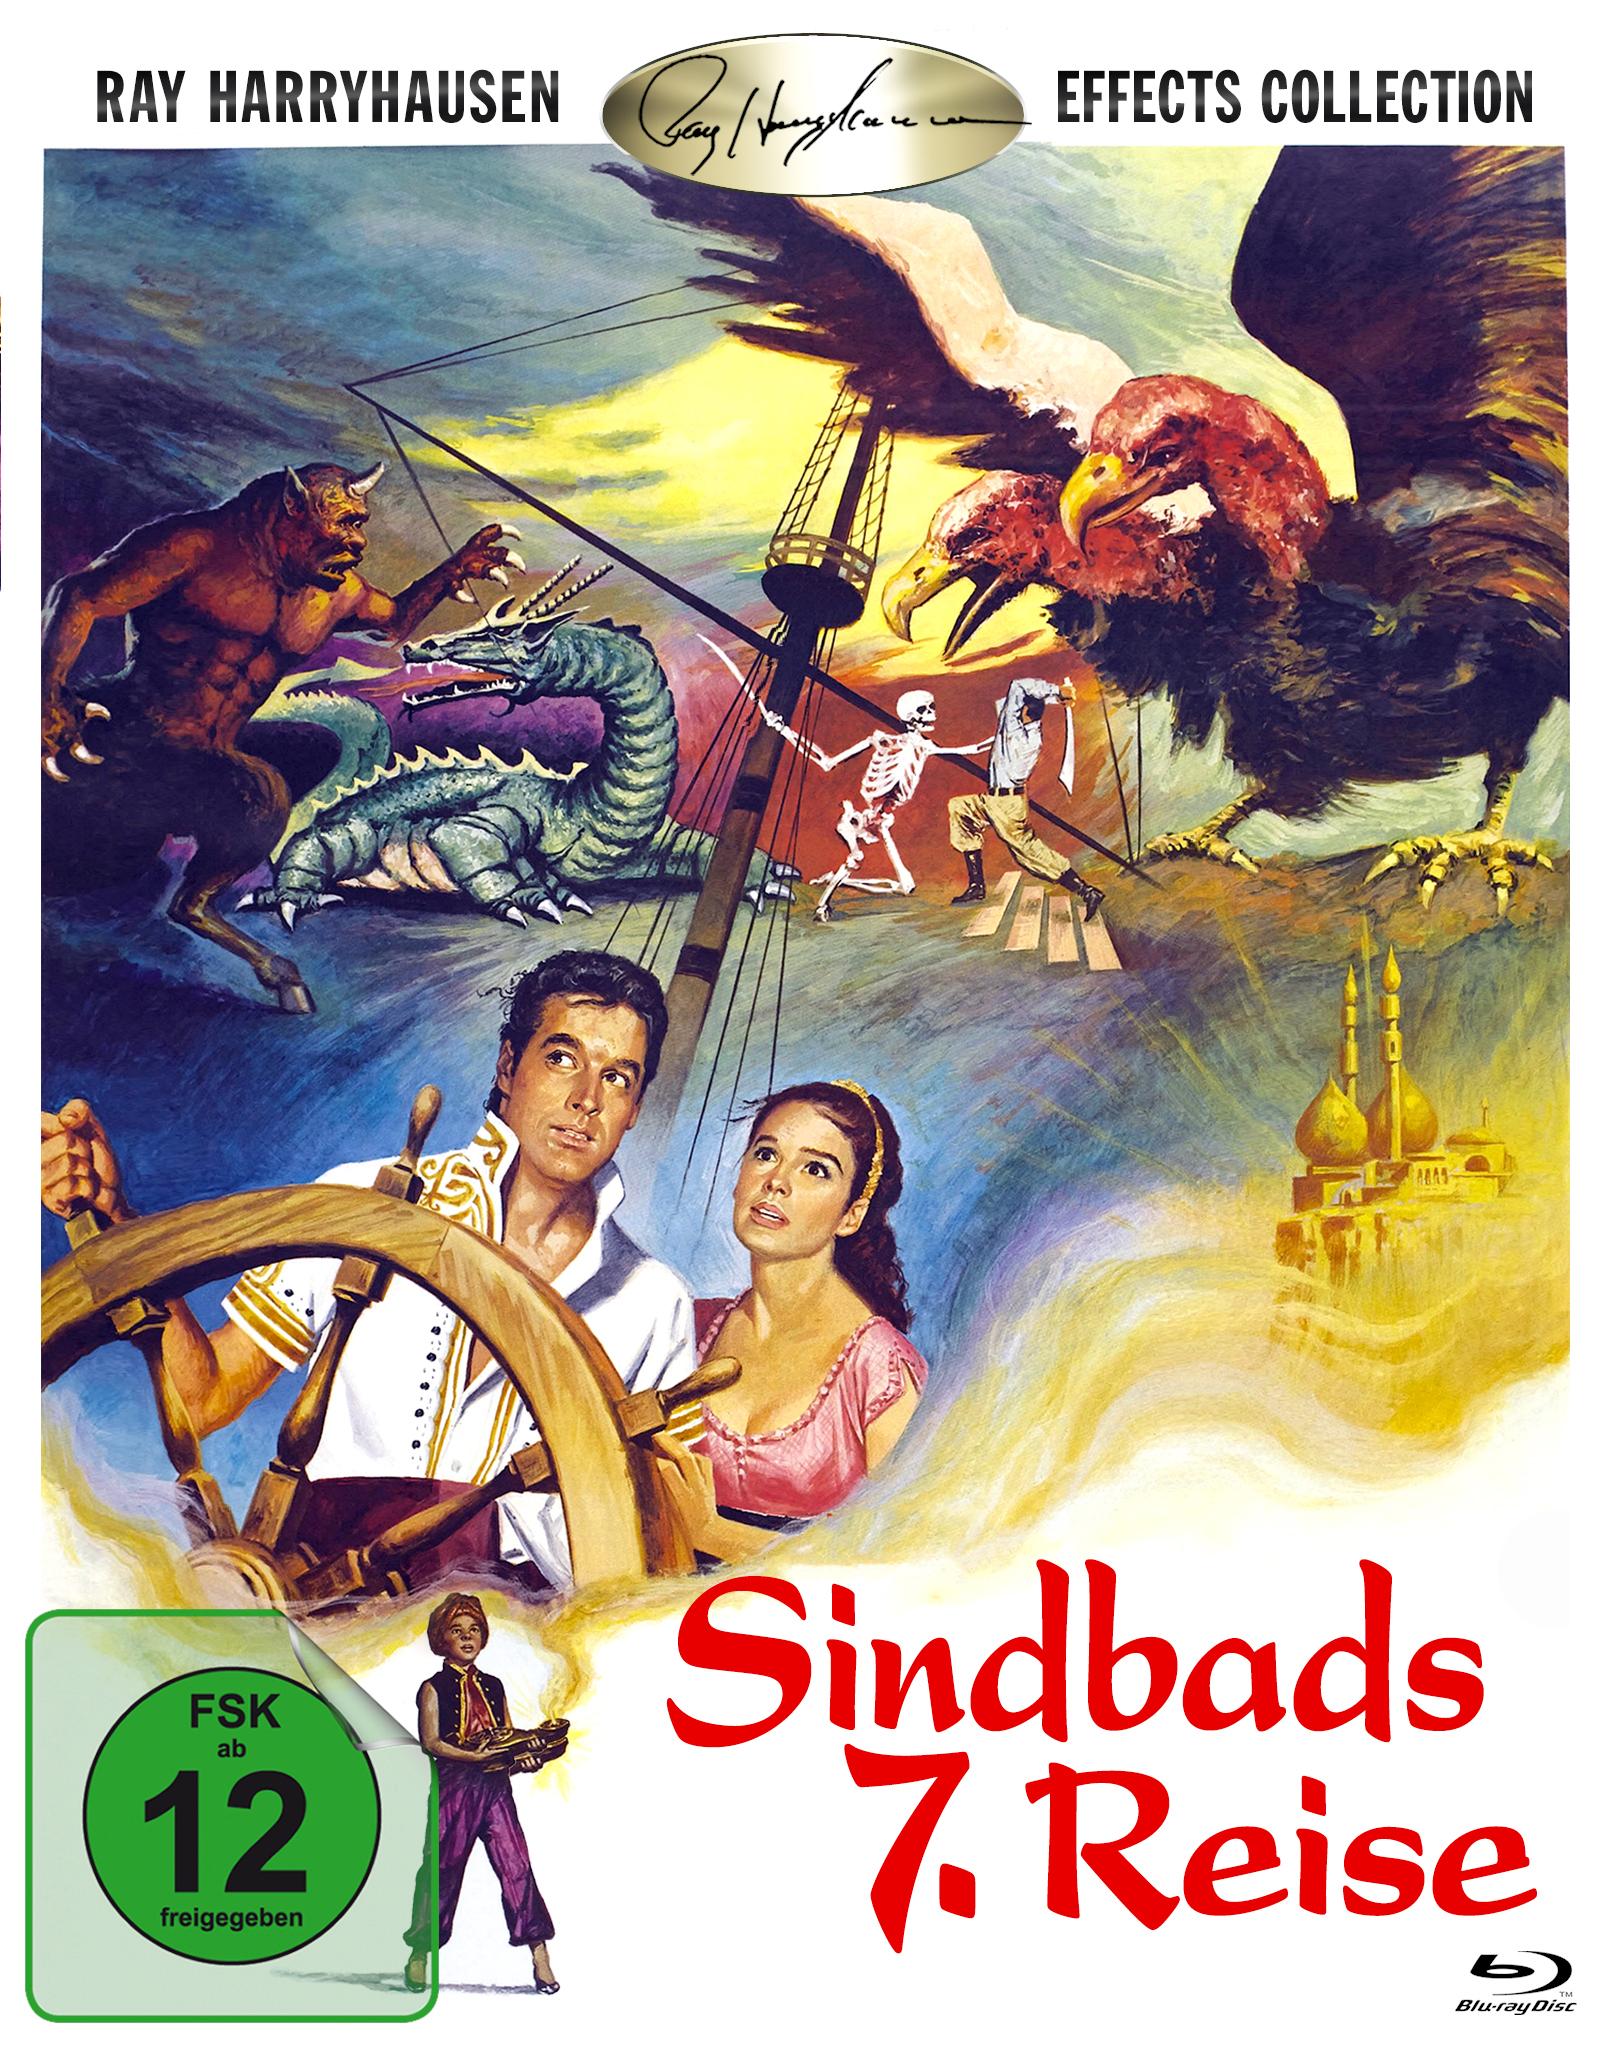 Sindbads 7. Reise